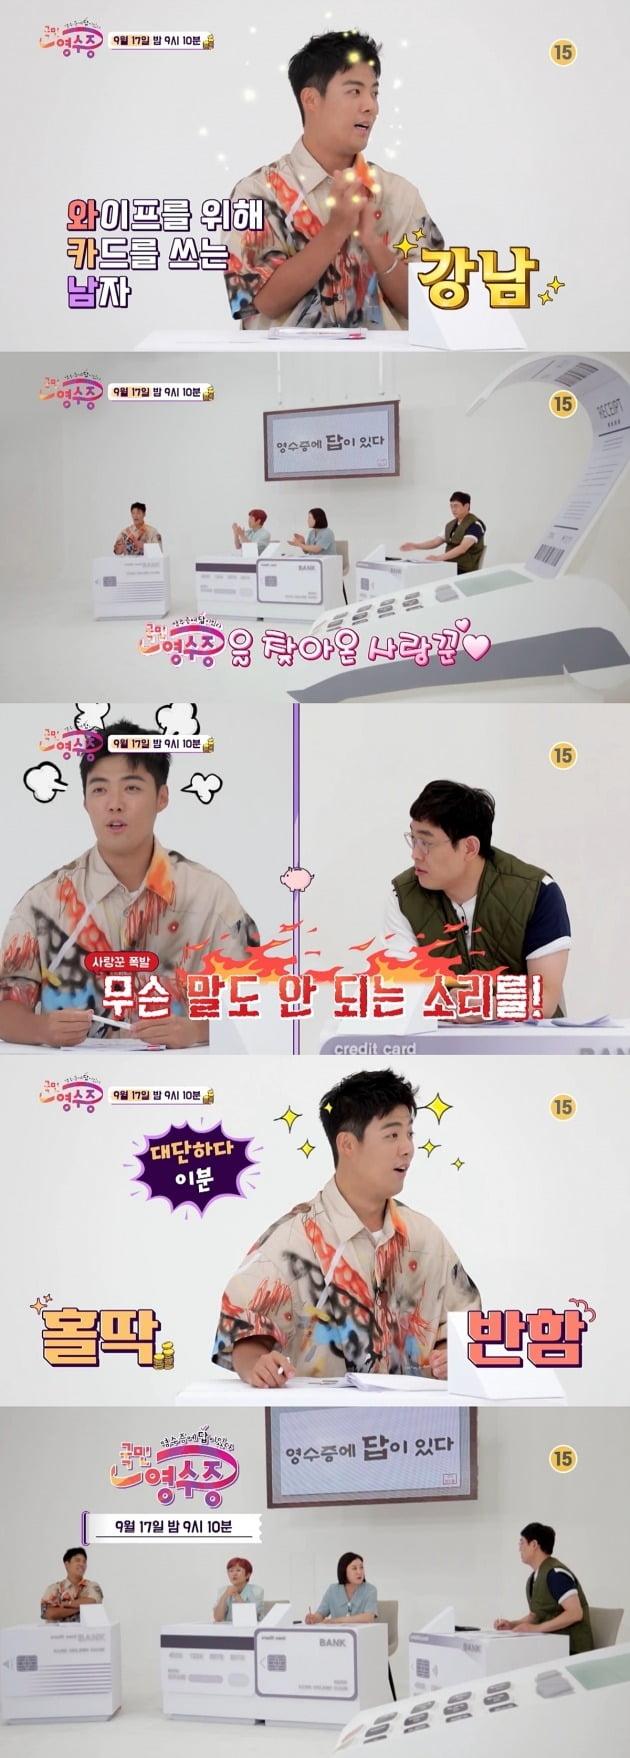 '국민 영수증' ./사진제공=KBS Joy